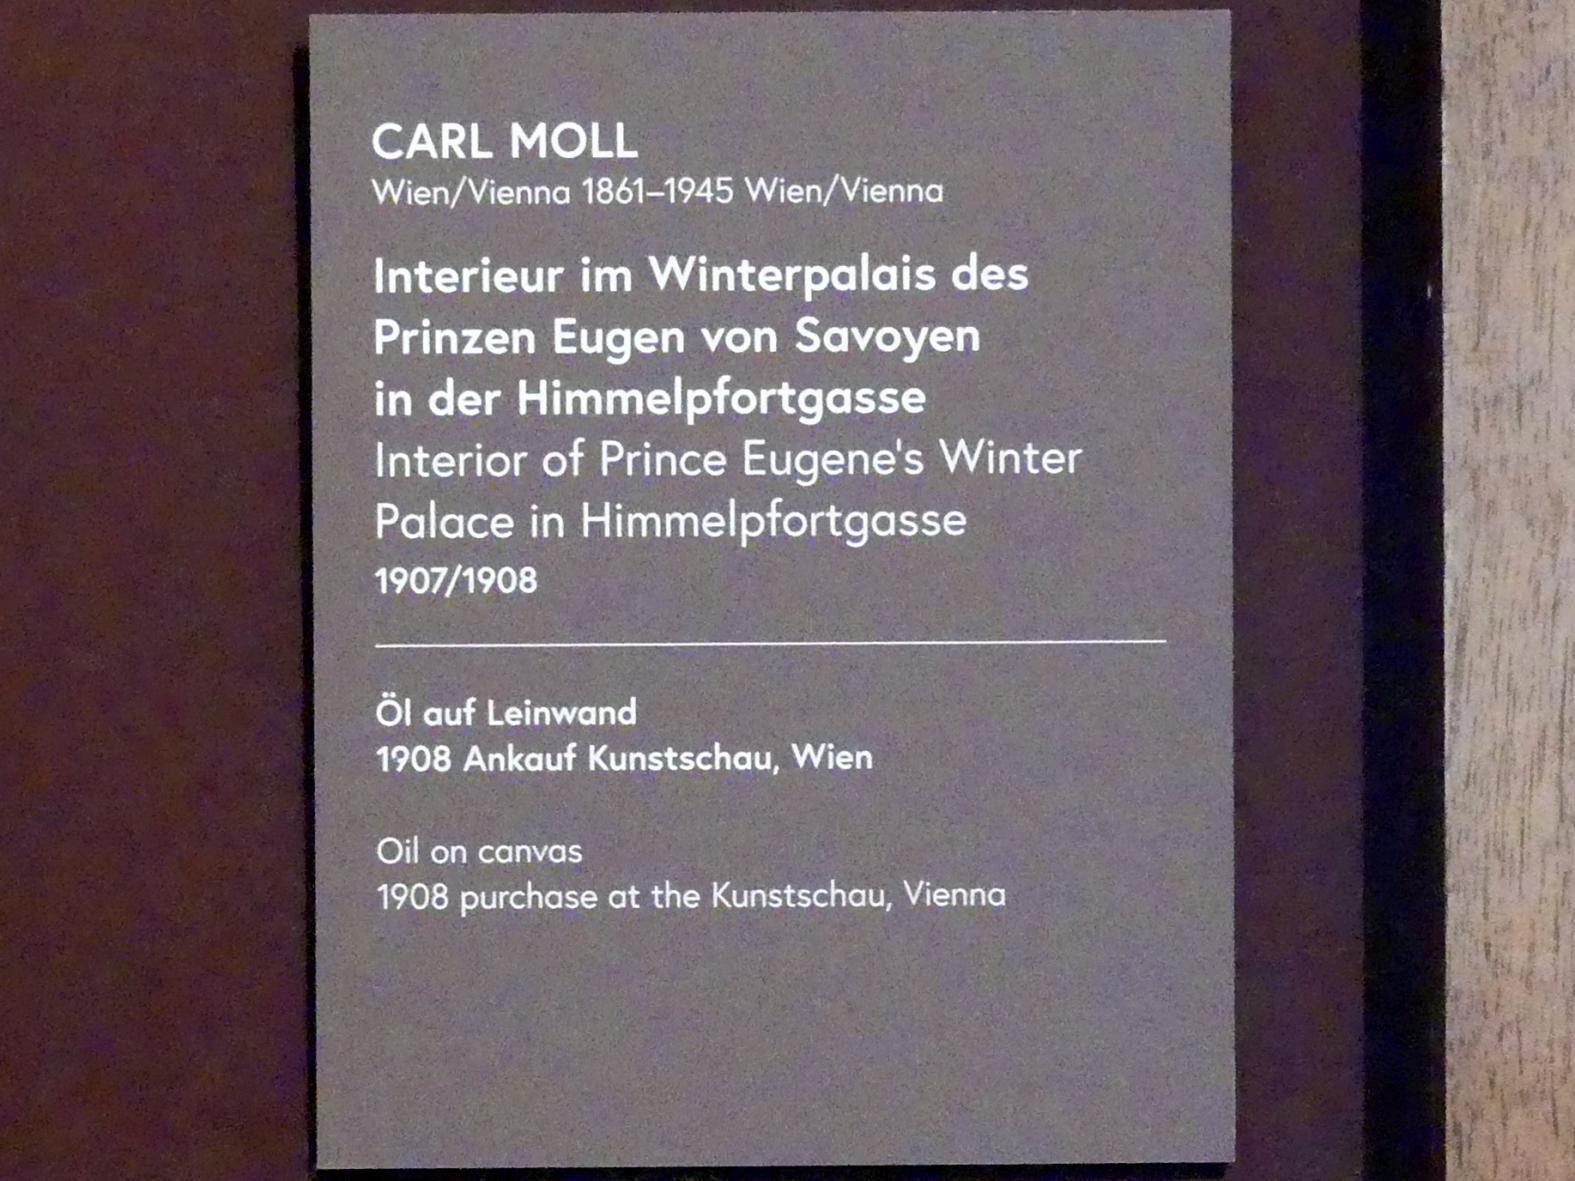 Carl Moll: Interieur im Winterpalais des Prinzen Eugen von Savoyen in der Himmelpfortengasse, 1907 - 1908, Bild 2/3